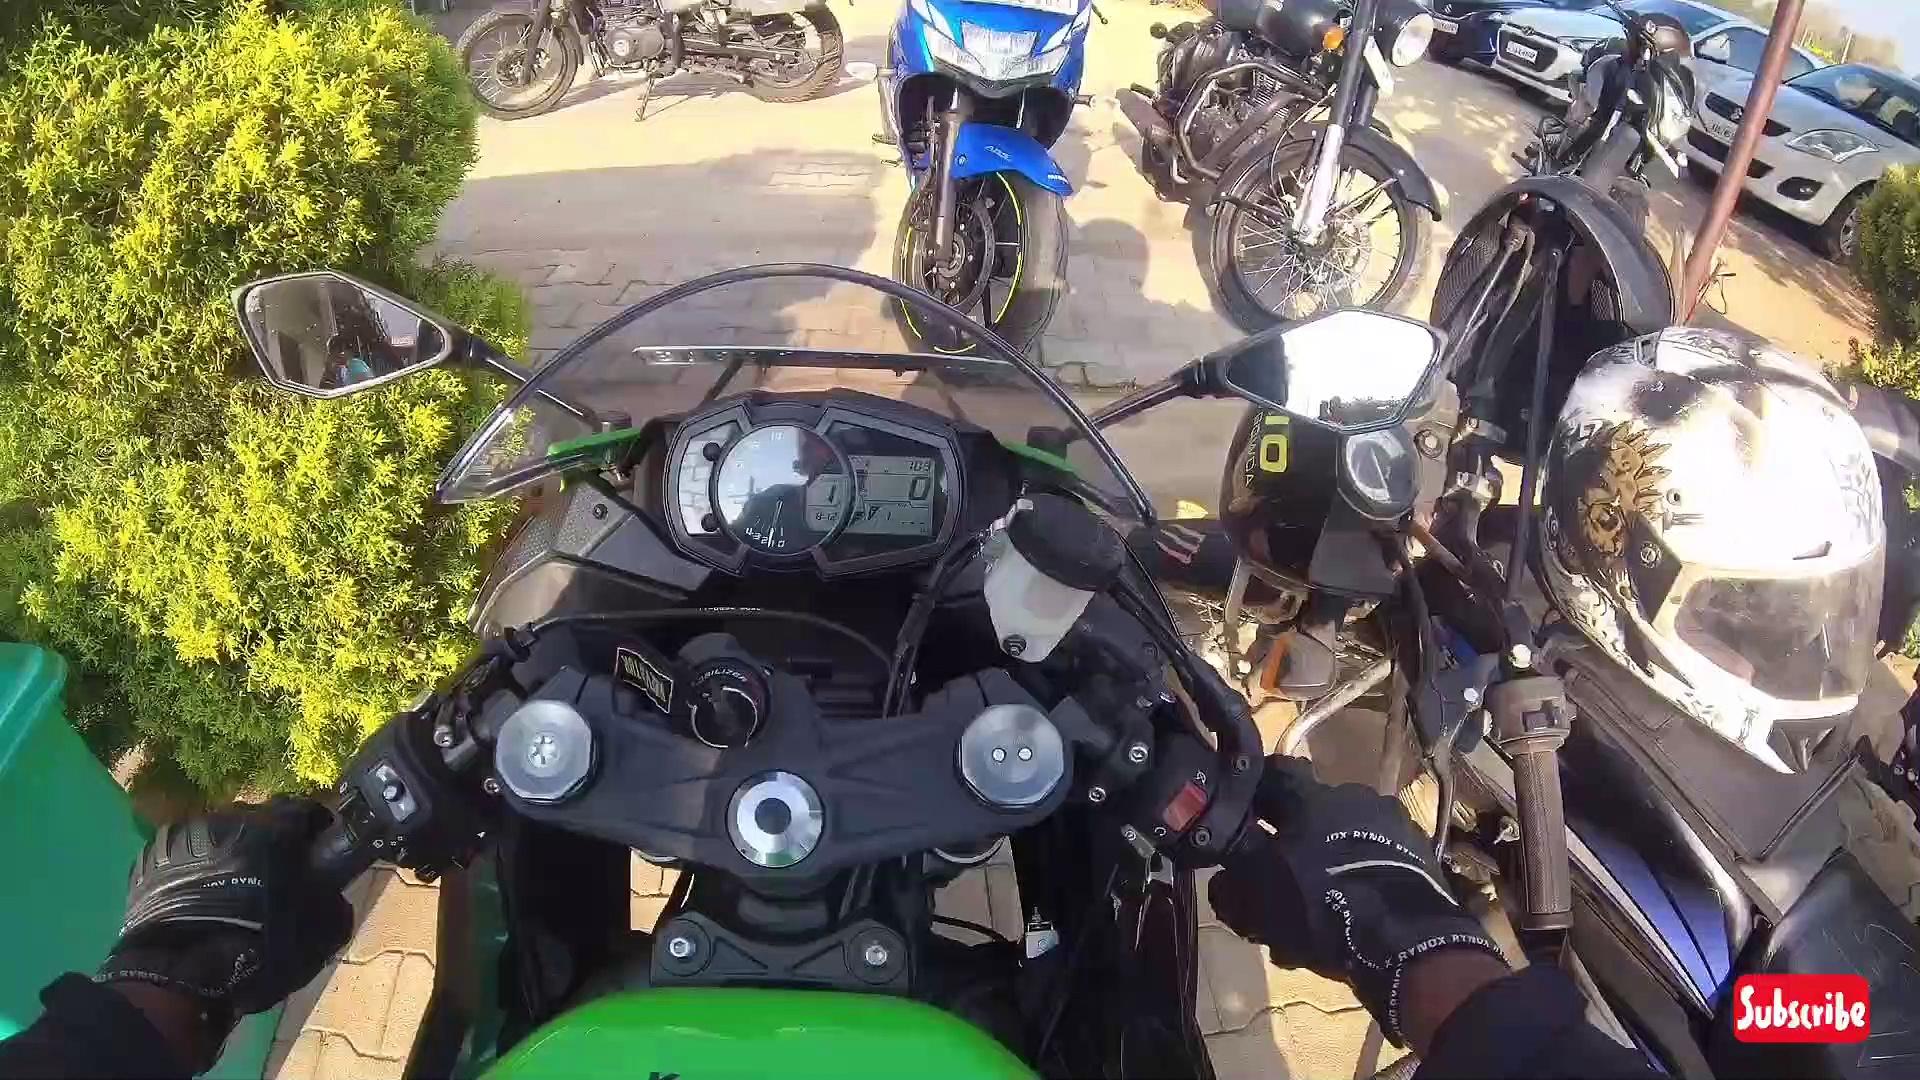 Kawasaki Zx6r review